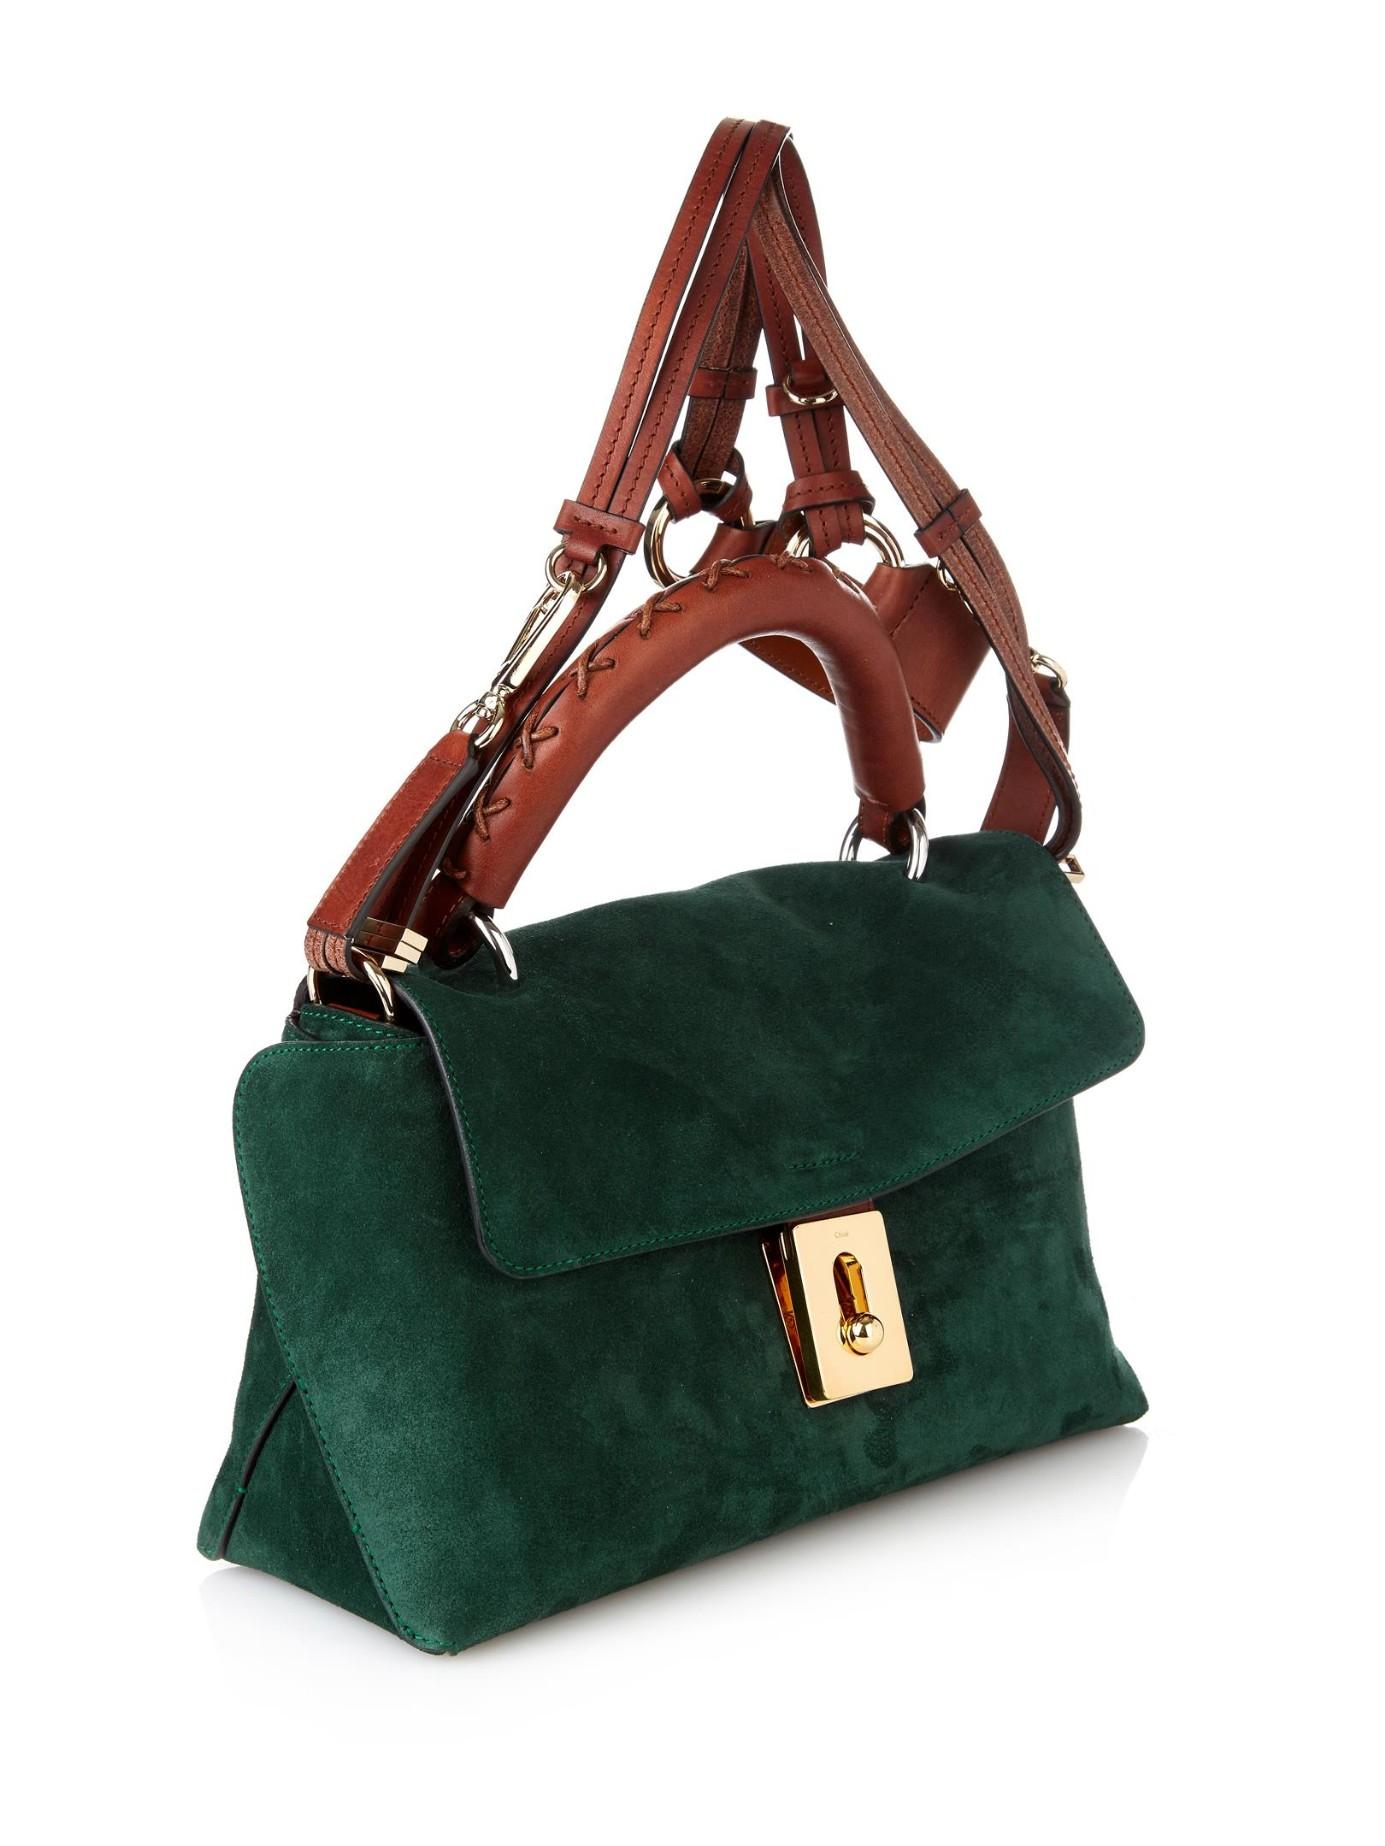 0295ef55fb Lyst - Chloé Fedora Small Suede Cross-Body Bag in Green